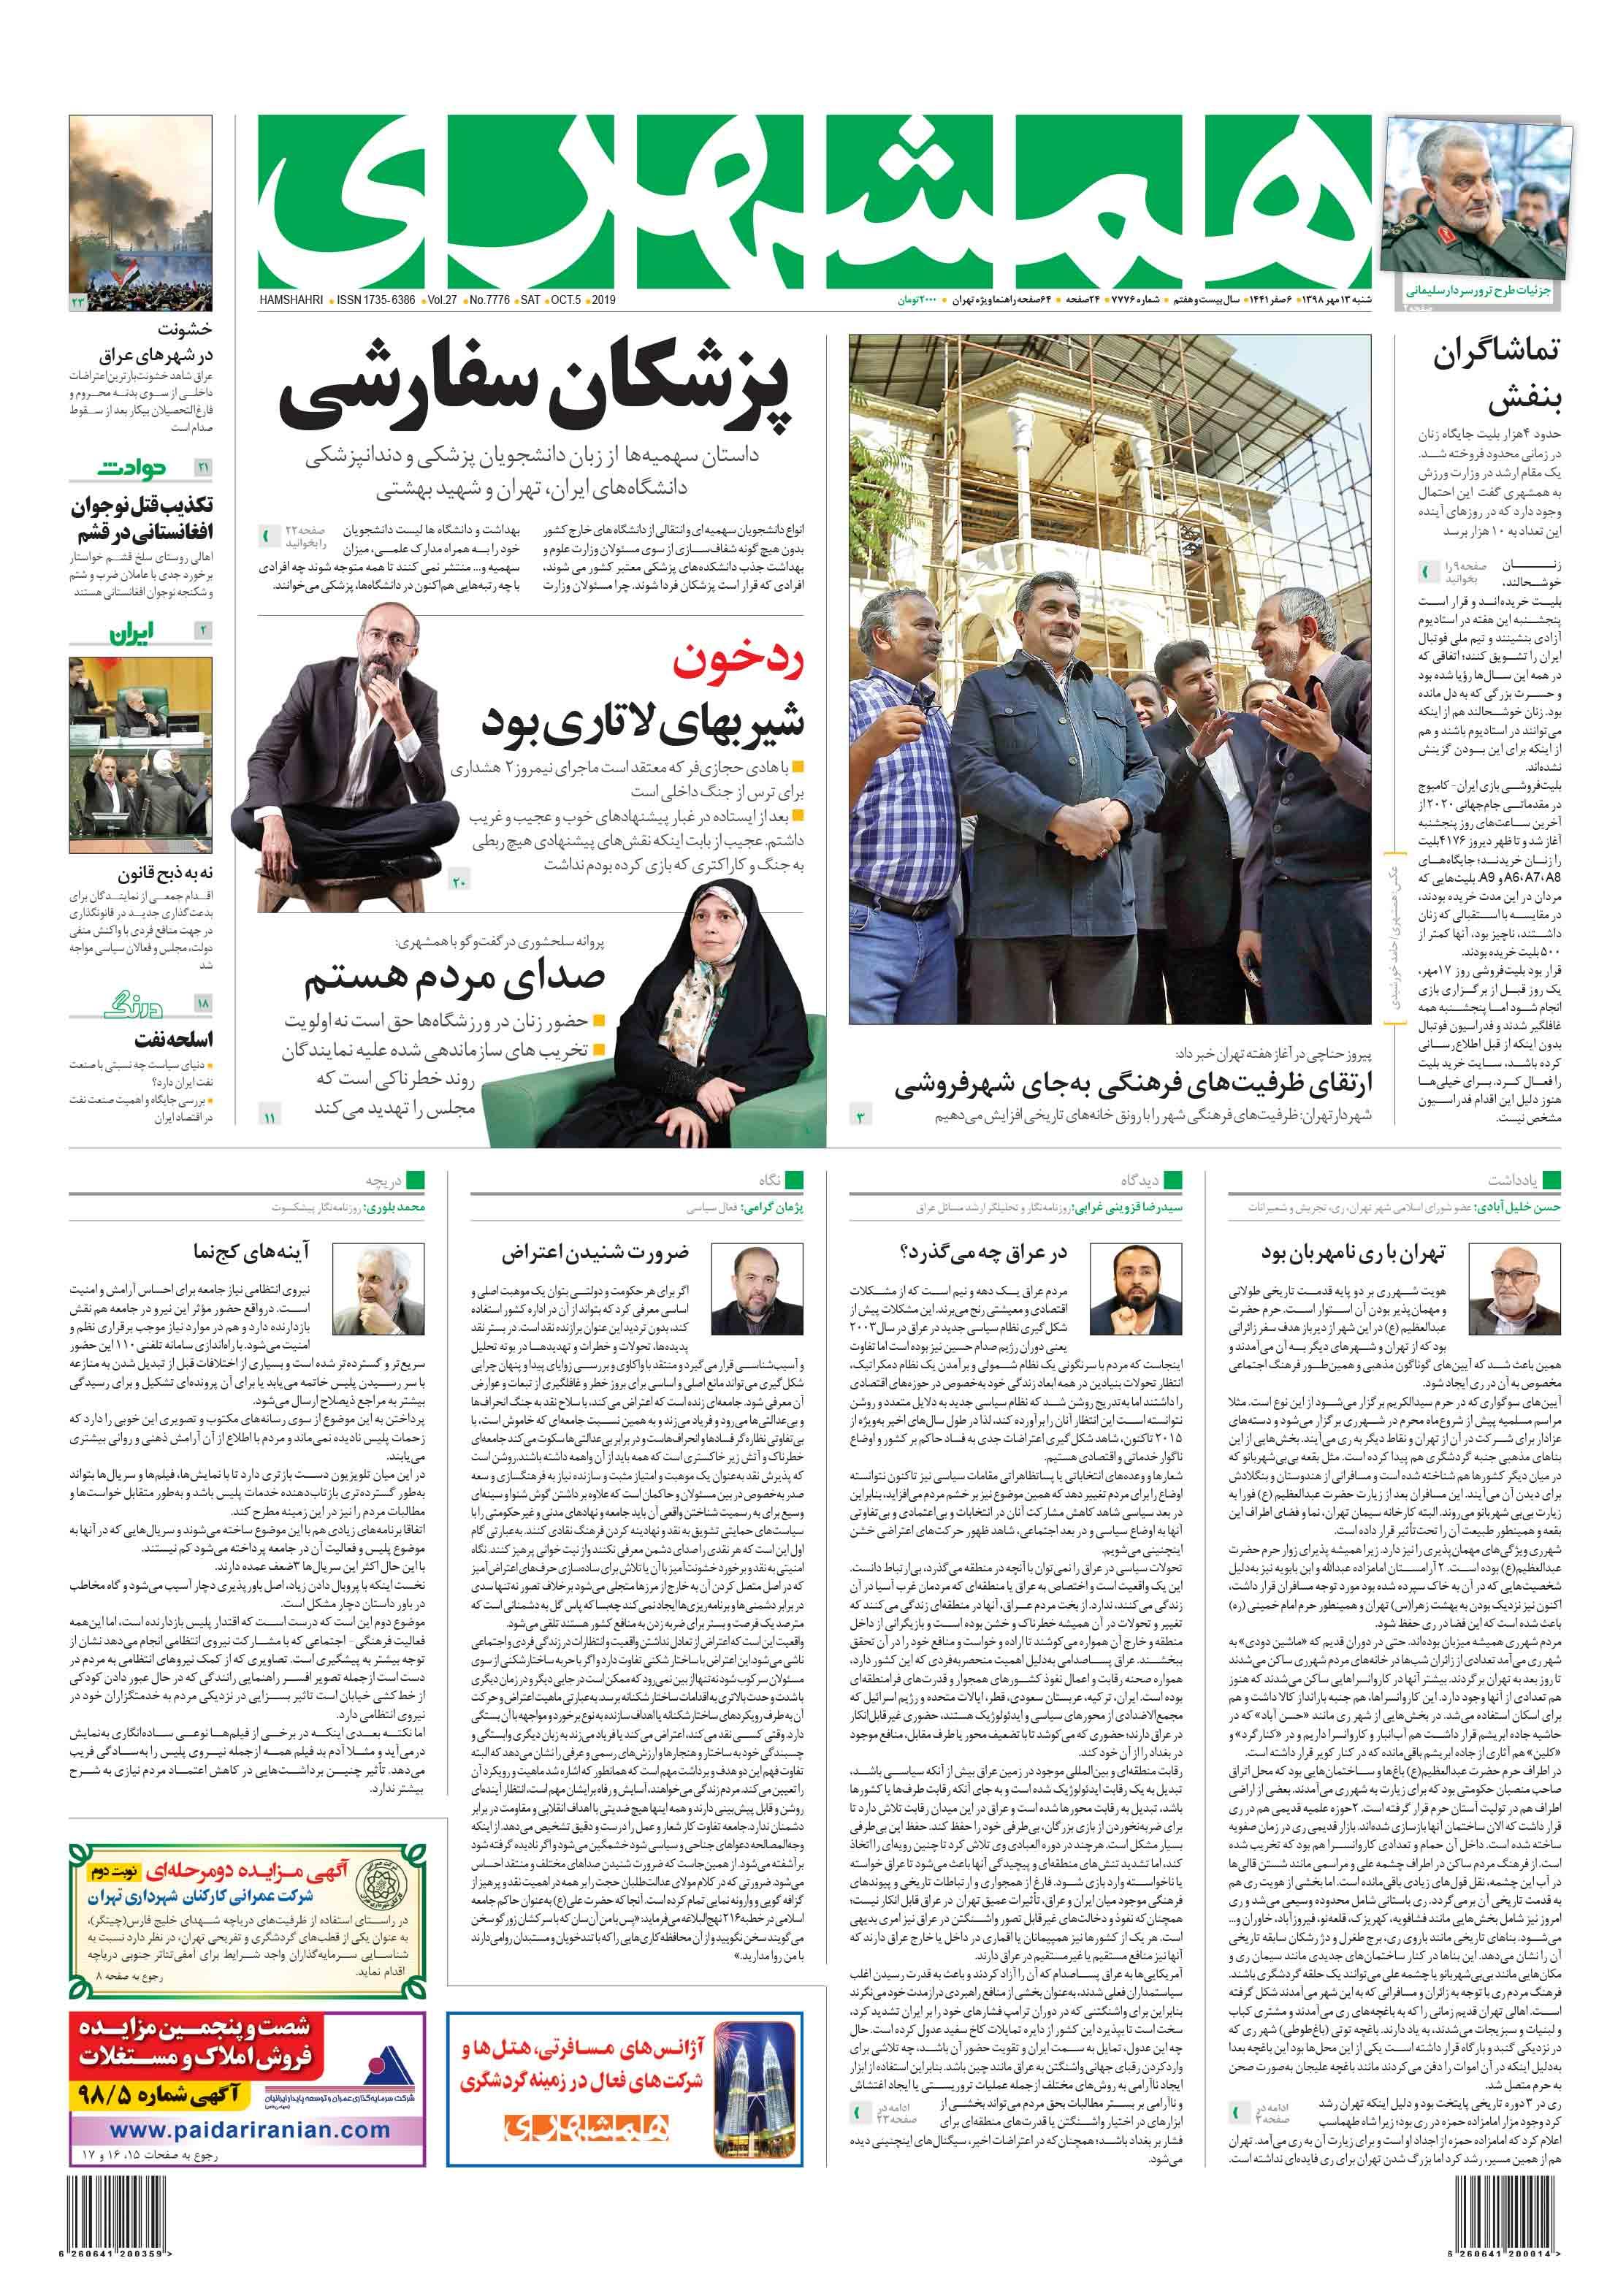 صفحه اول شنبه 13 مهر 1398